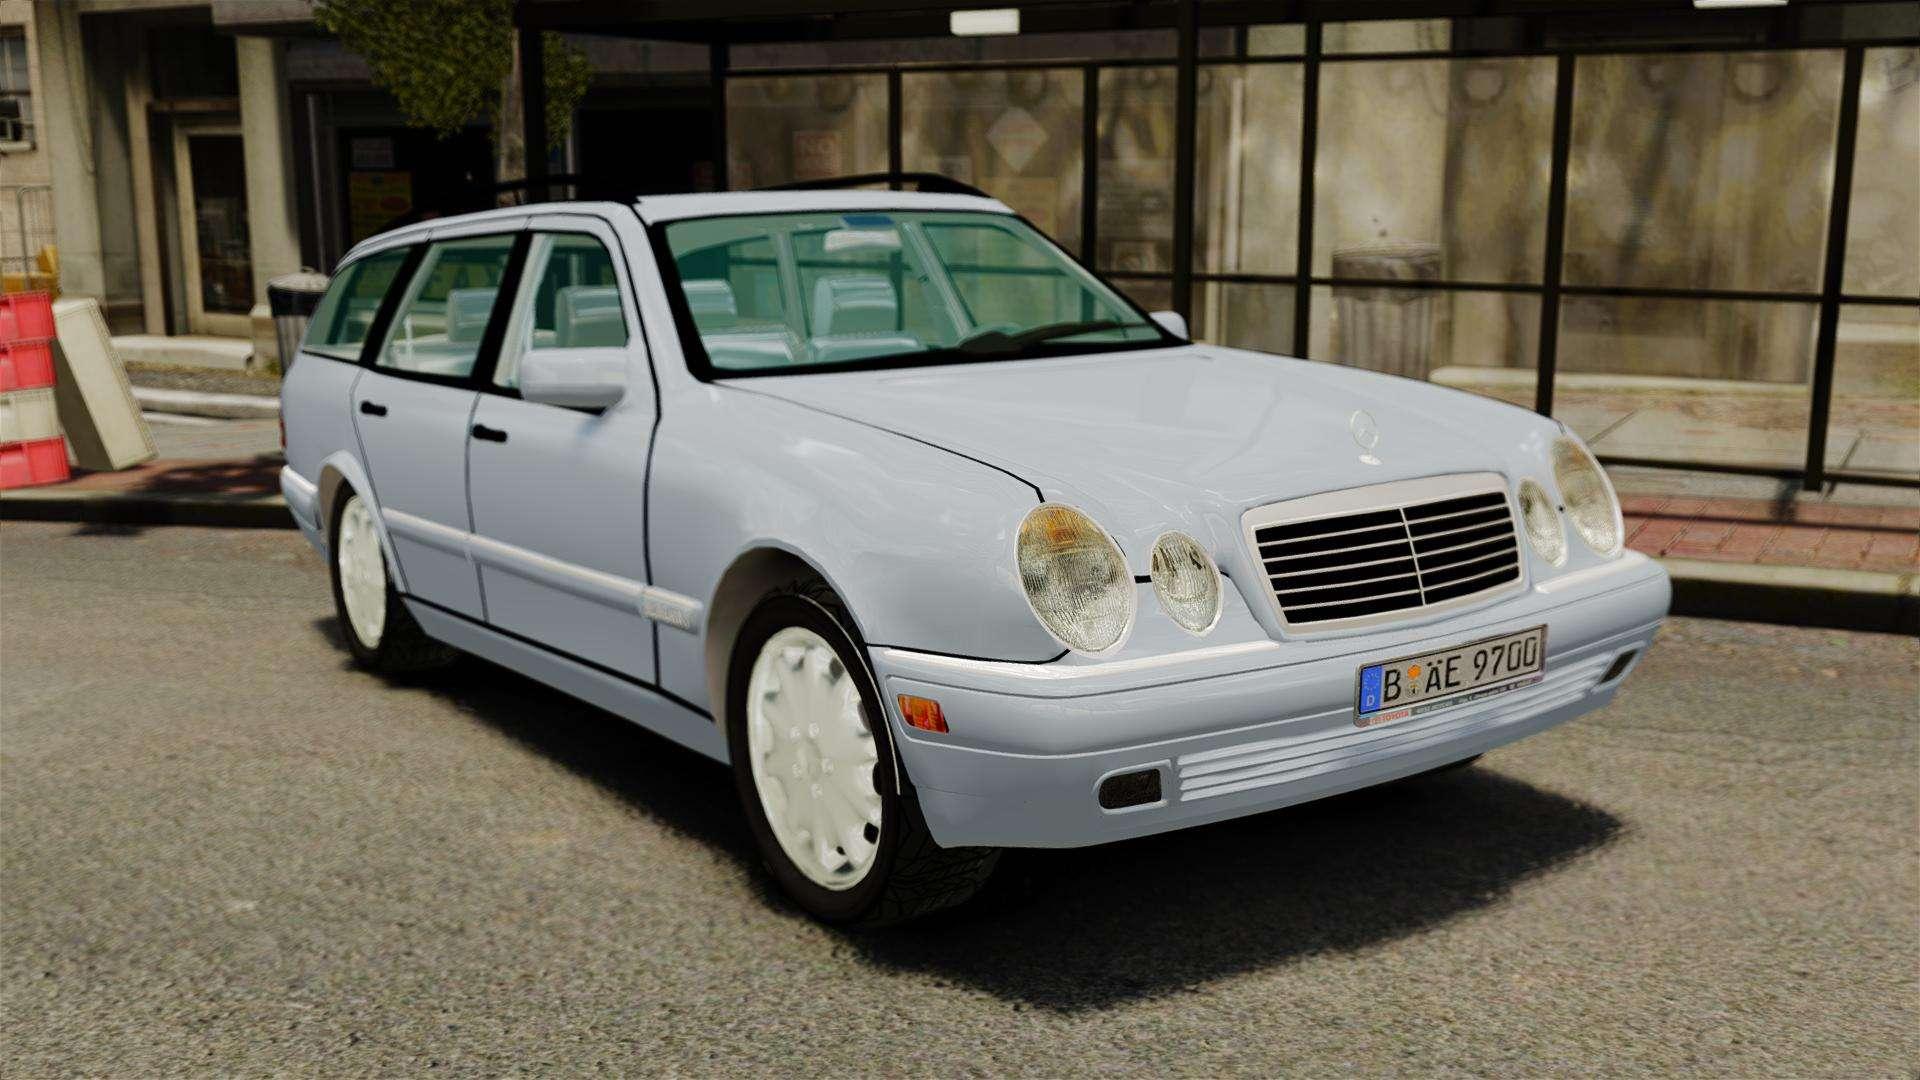 26814 Mercedes Benz W210 Wagon additionally  on 26814 mercedes benz w210 wagon